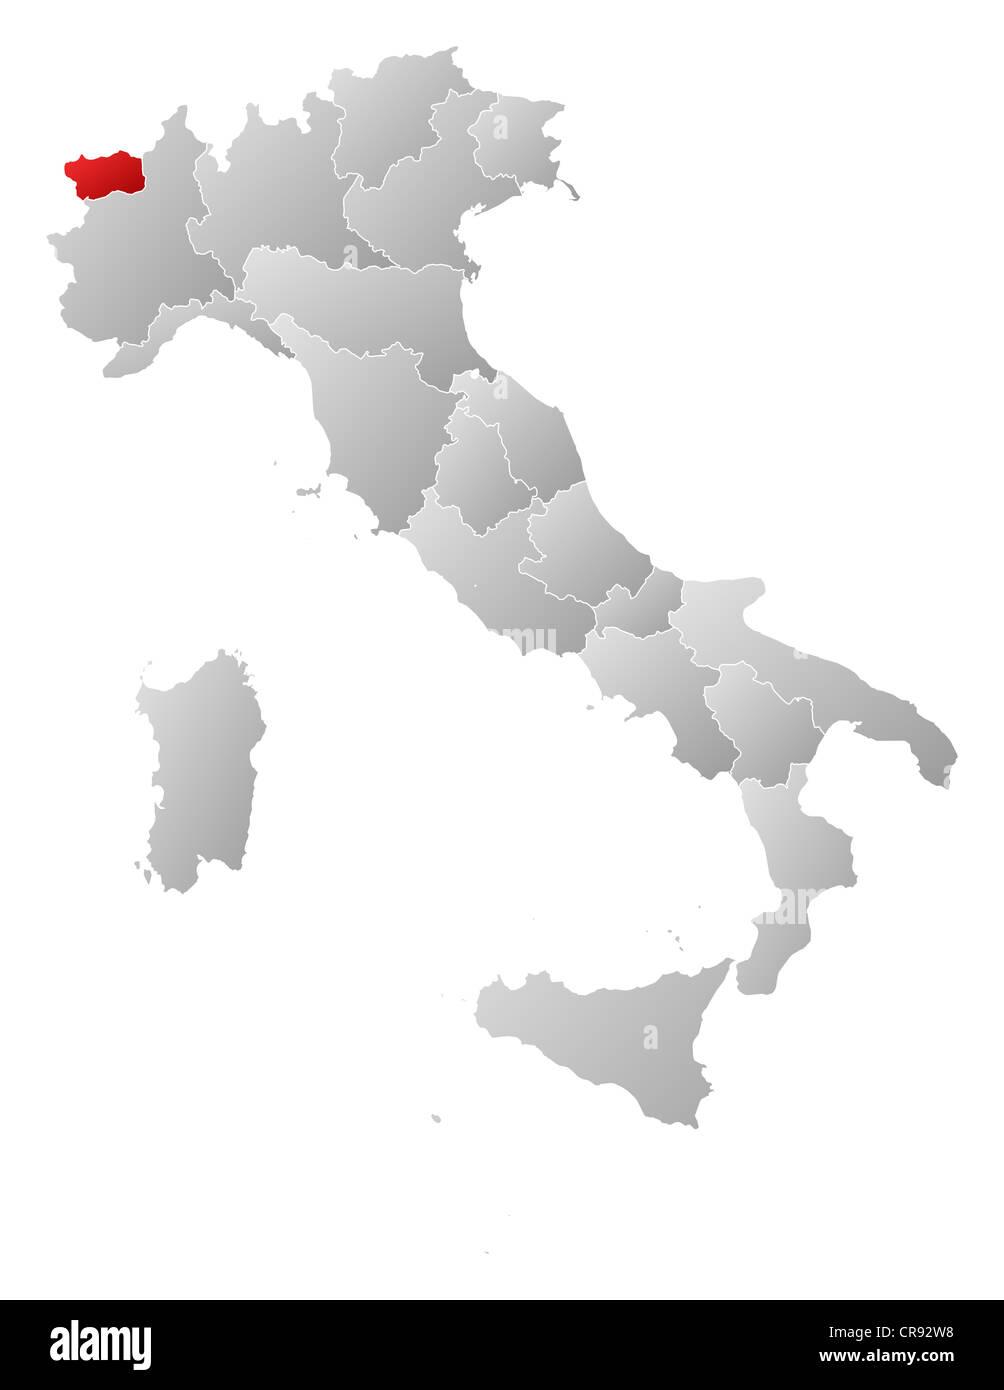 Valle D Aosta Cartina Geografica Politica.Mappa Politica Dell Italia Con Le Diverse Regioni Dove La Valle D Aosta E Evidenziata Foto Stock Alamy